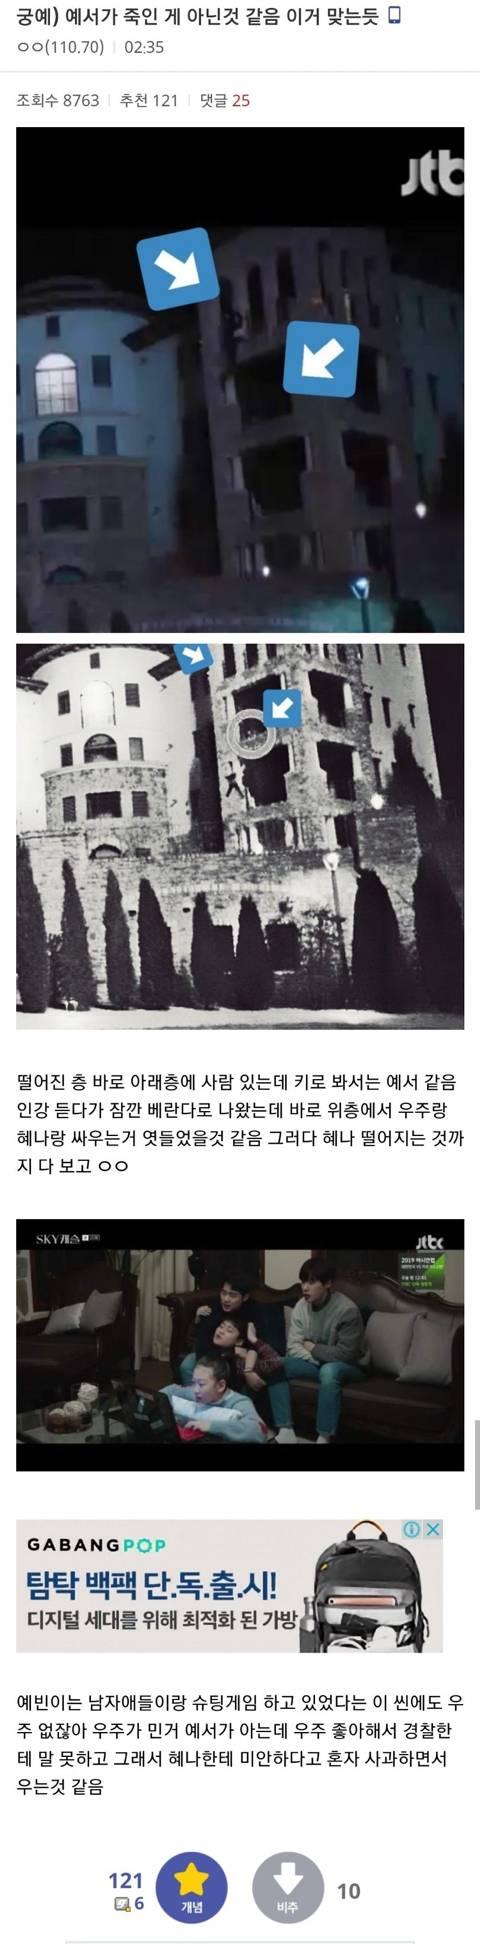 스카이캐슬 스포일수있음) 혜나 죽인 범인 이게 맞는듯.jpg(feat. 디시갤러)   인스티즈